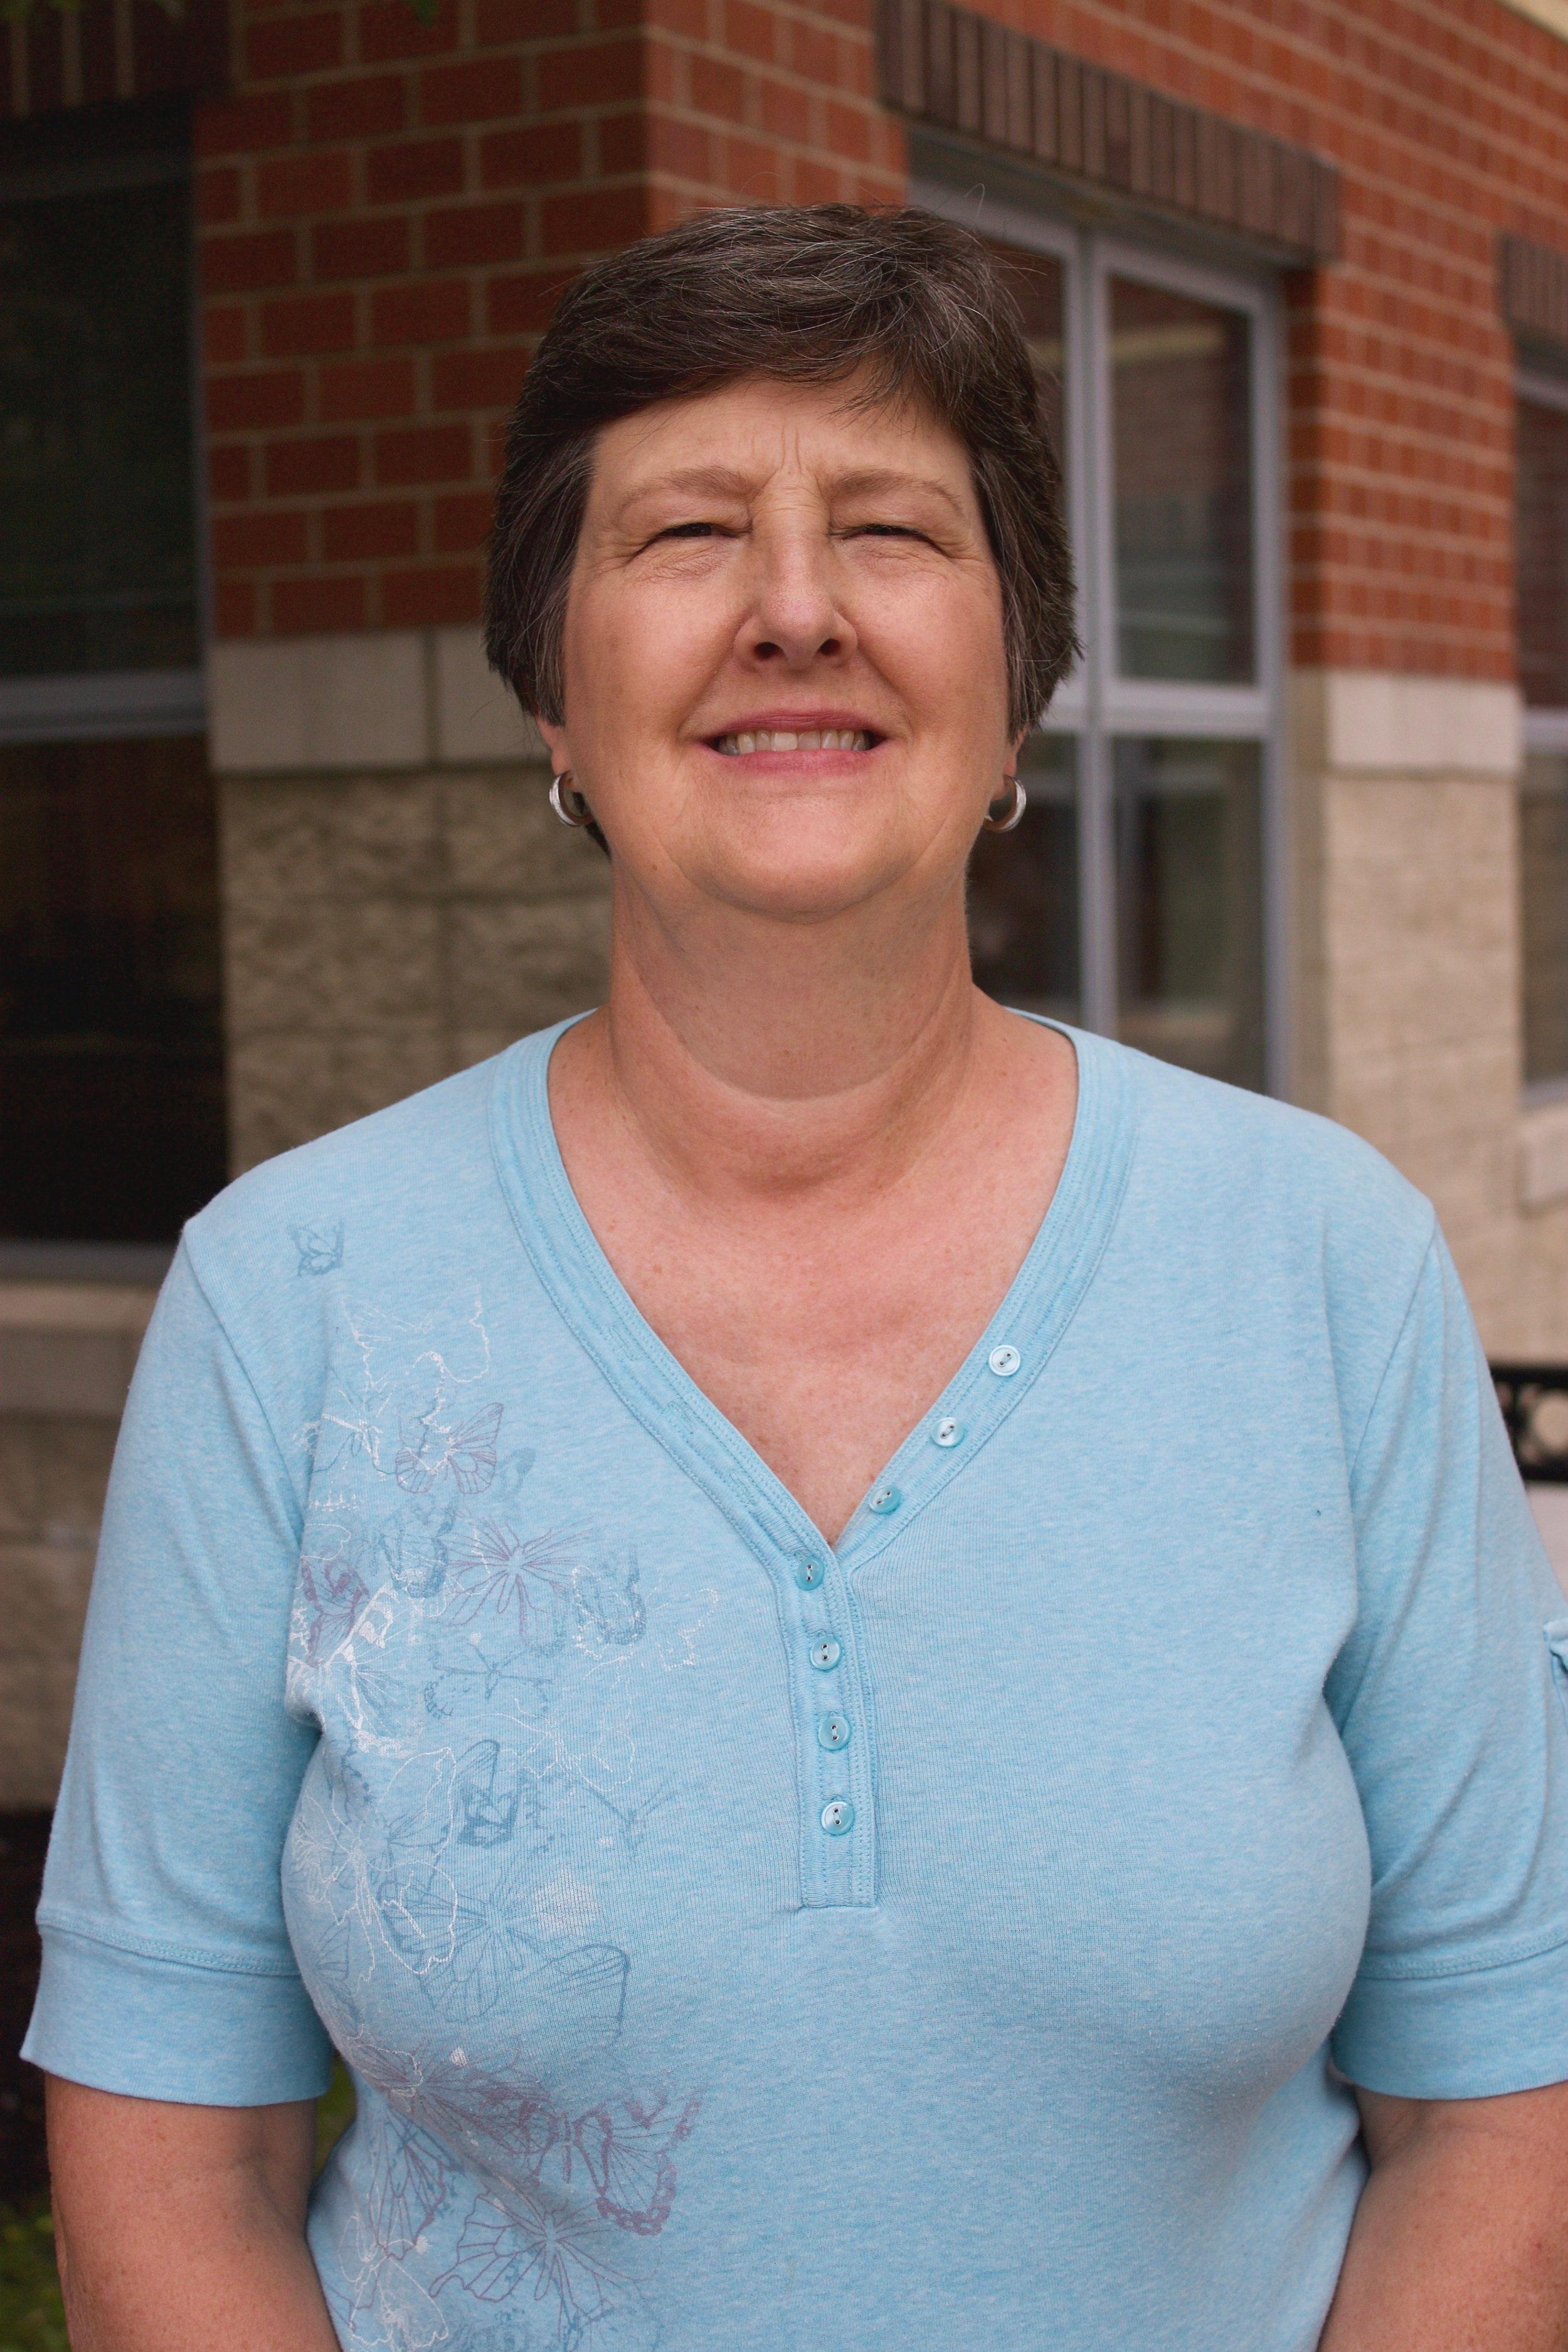 Debbie Klypchak   - Level 1 Teacher Assistant (Room 110)